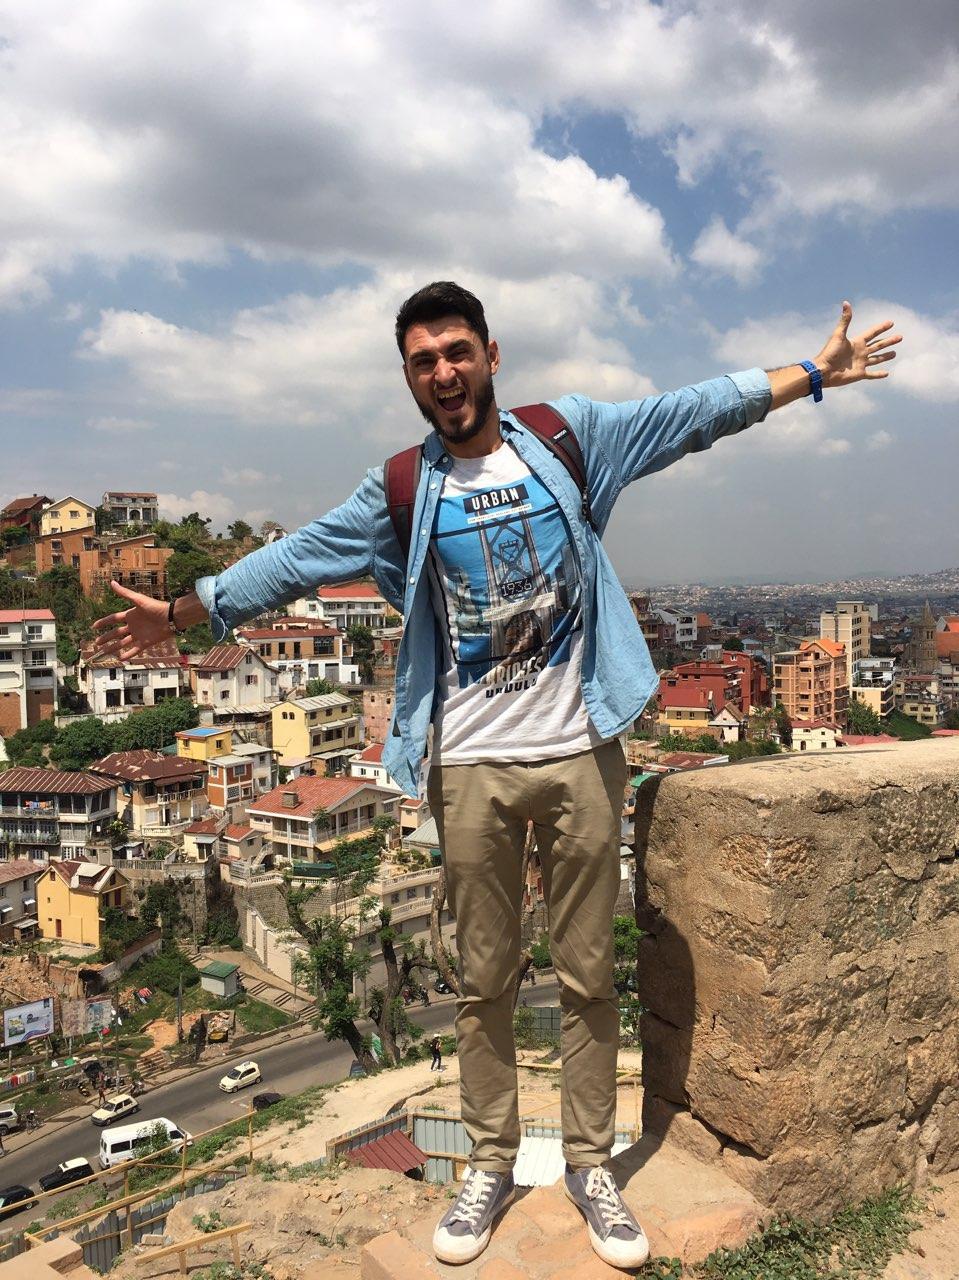 журналист Нового канала попал в мадагаскарскую больницу